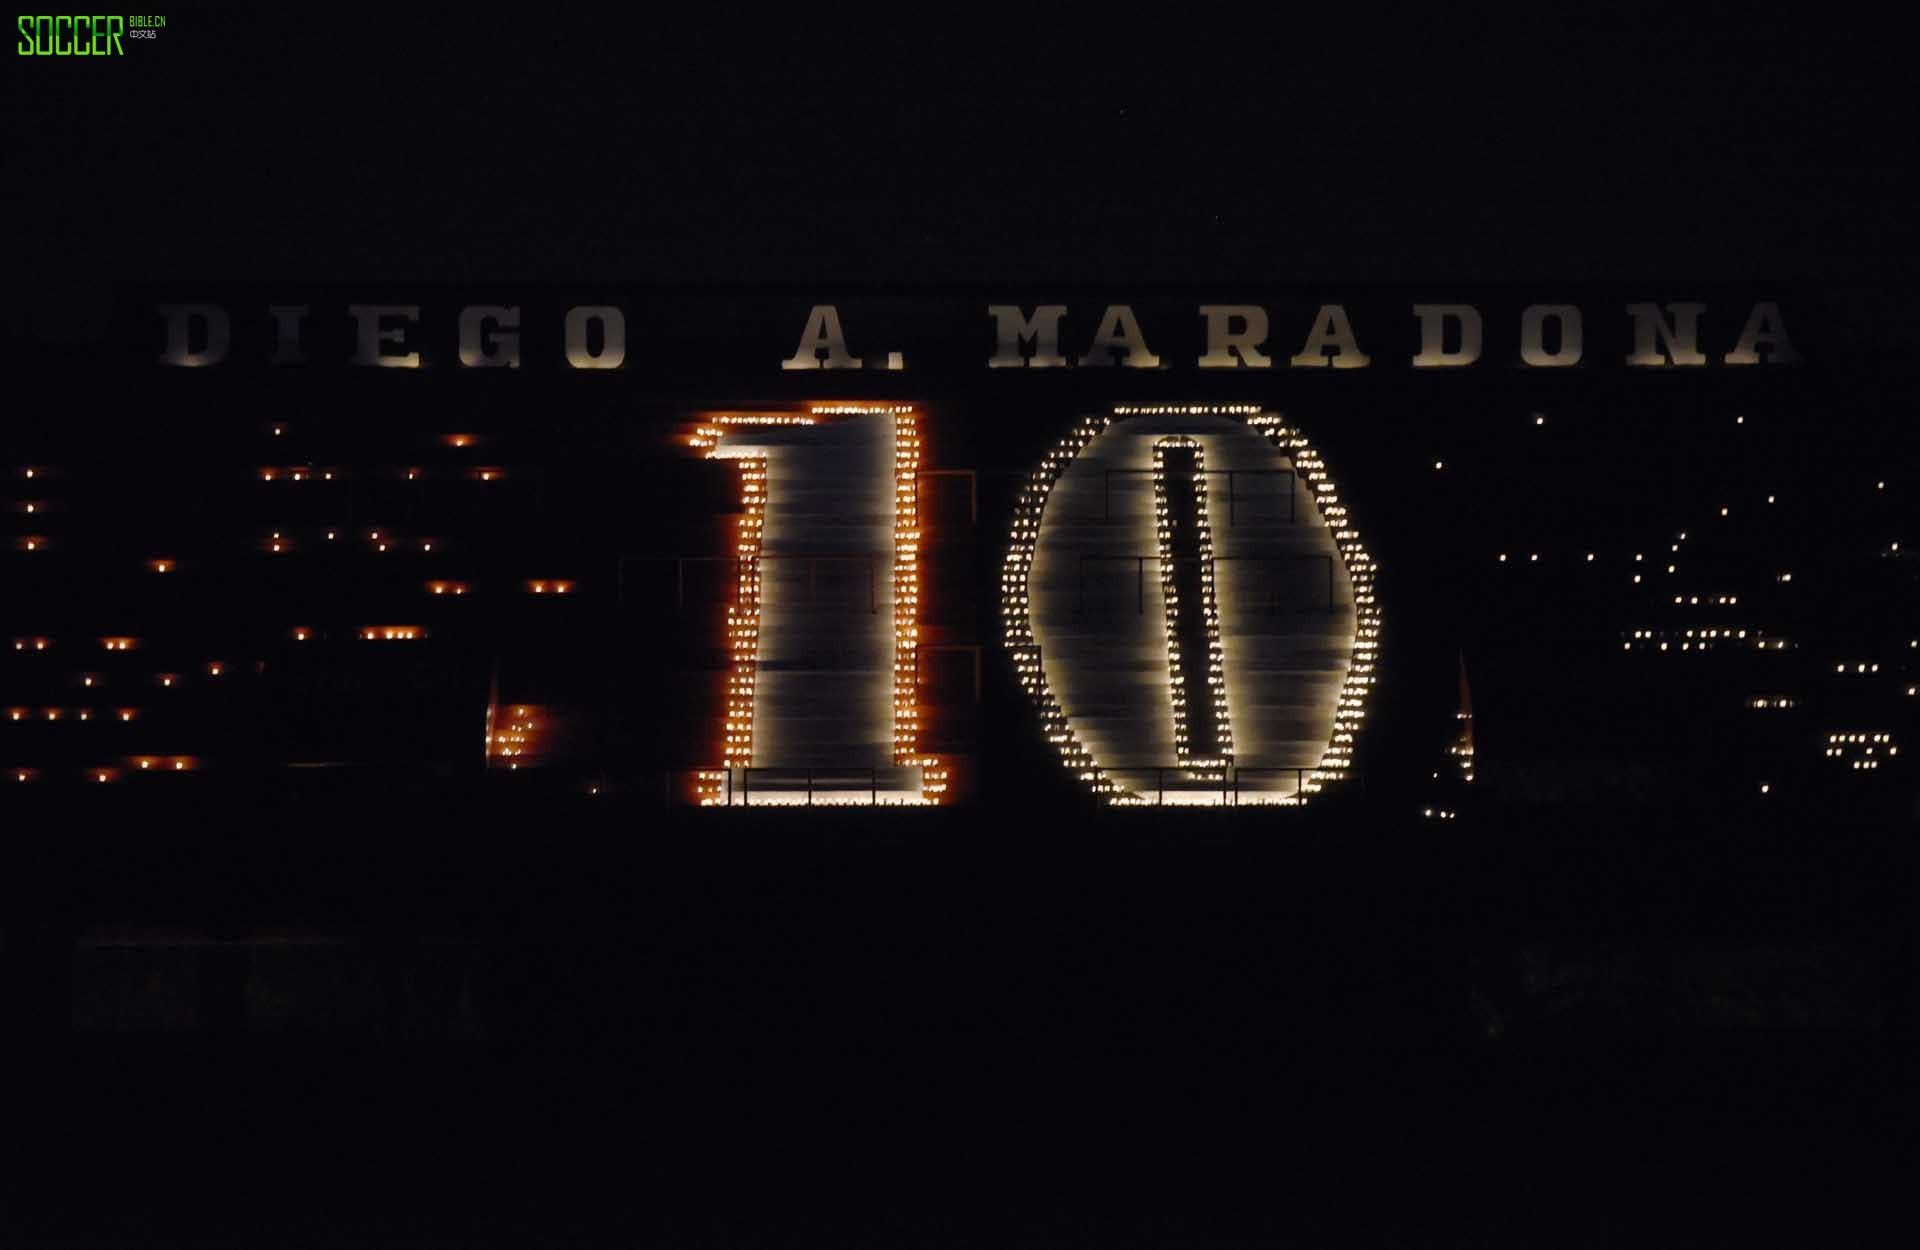 全世界与马拉多纳告别